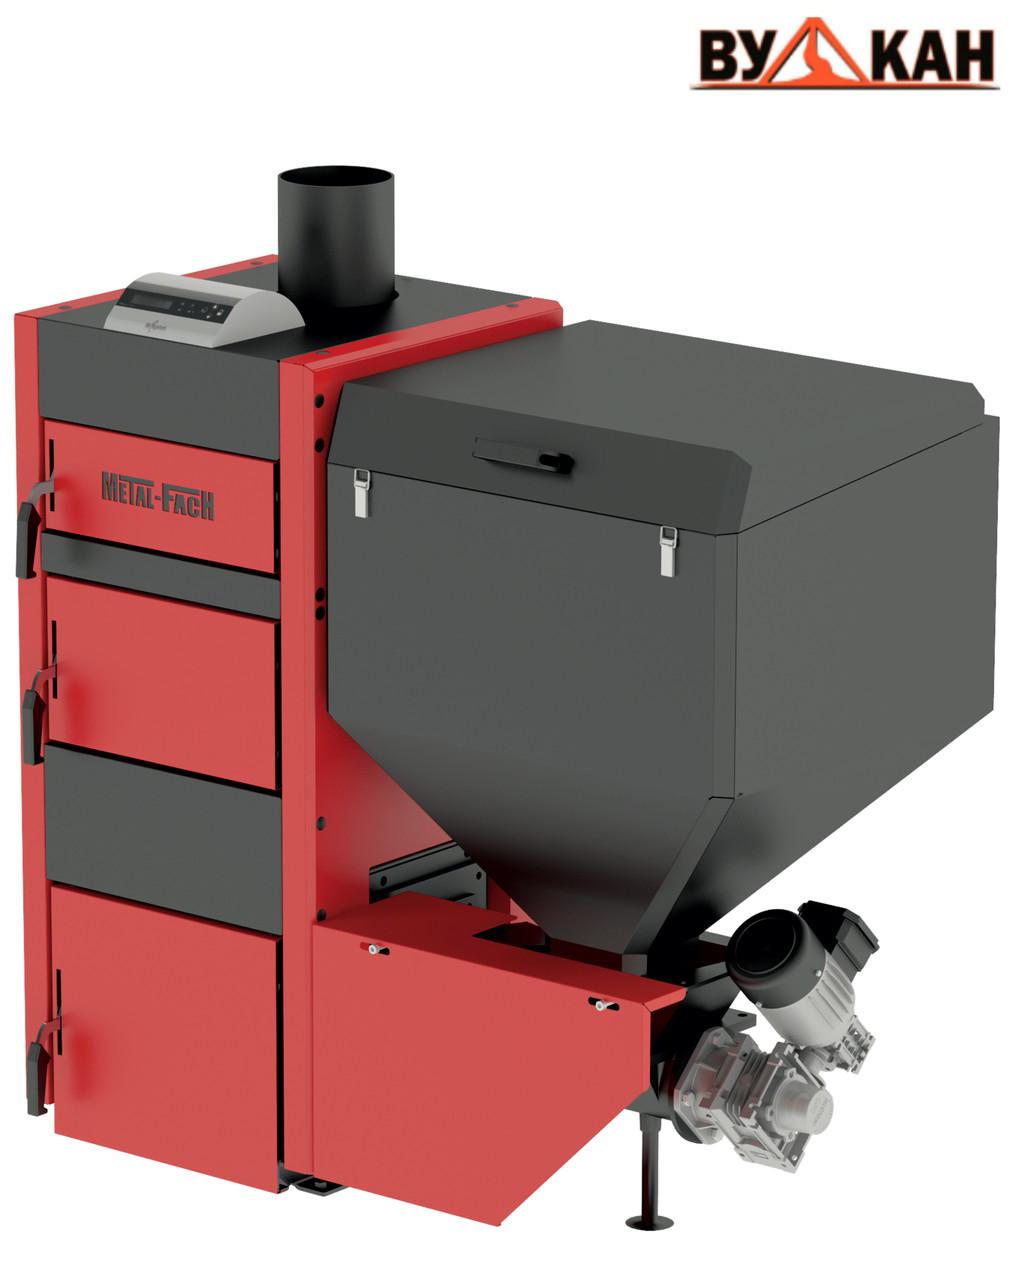 Автоматический котел Metal-Fach SMART Auto ECO 15 кВт с правой подачей